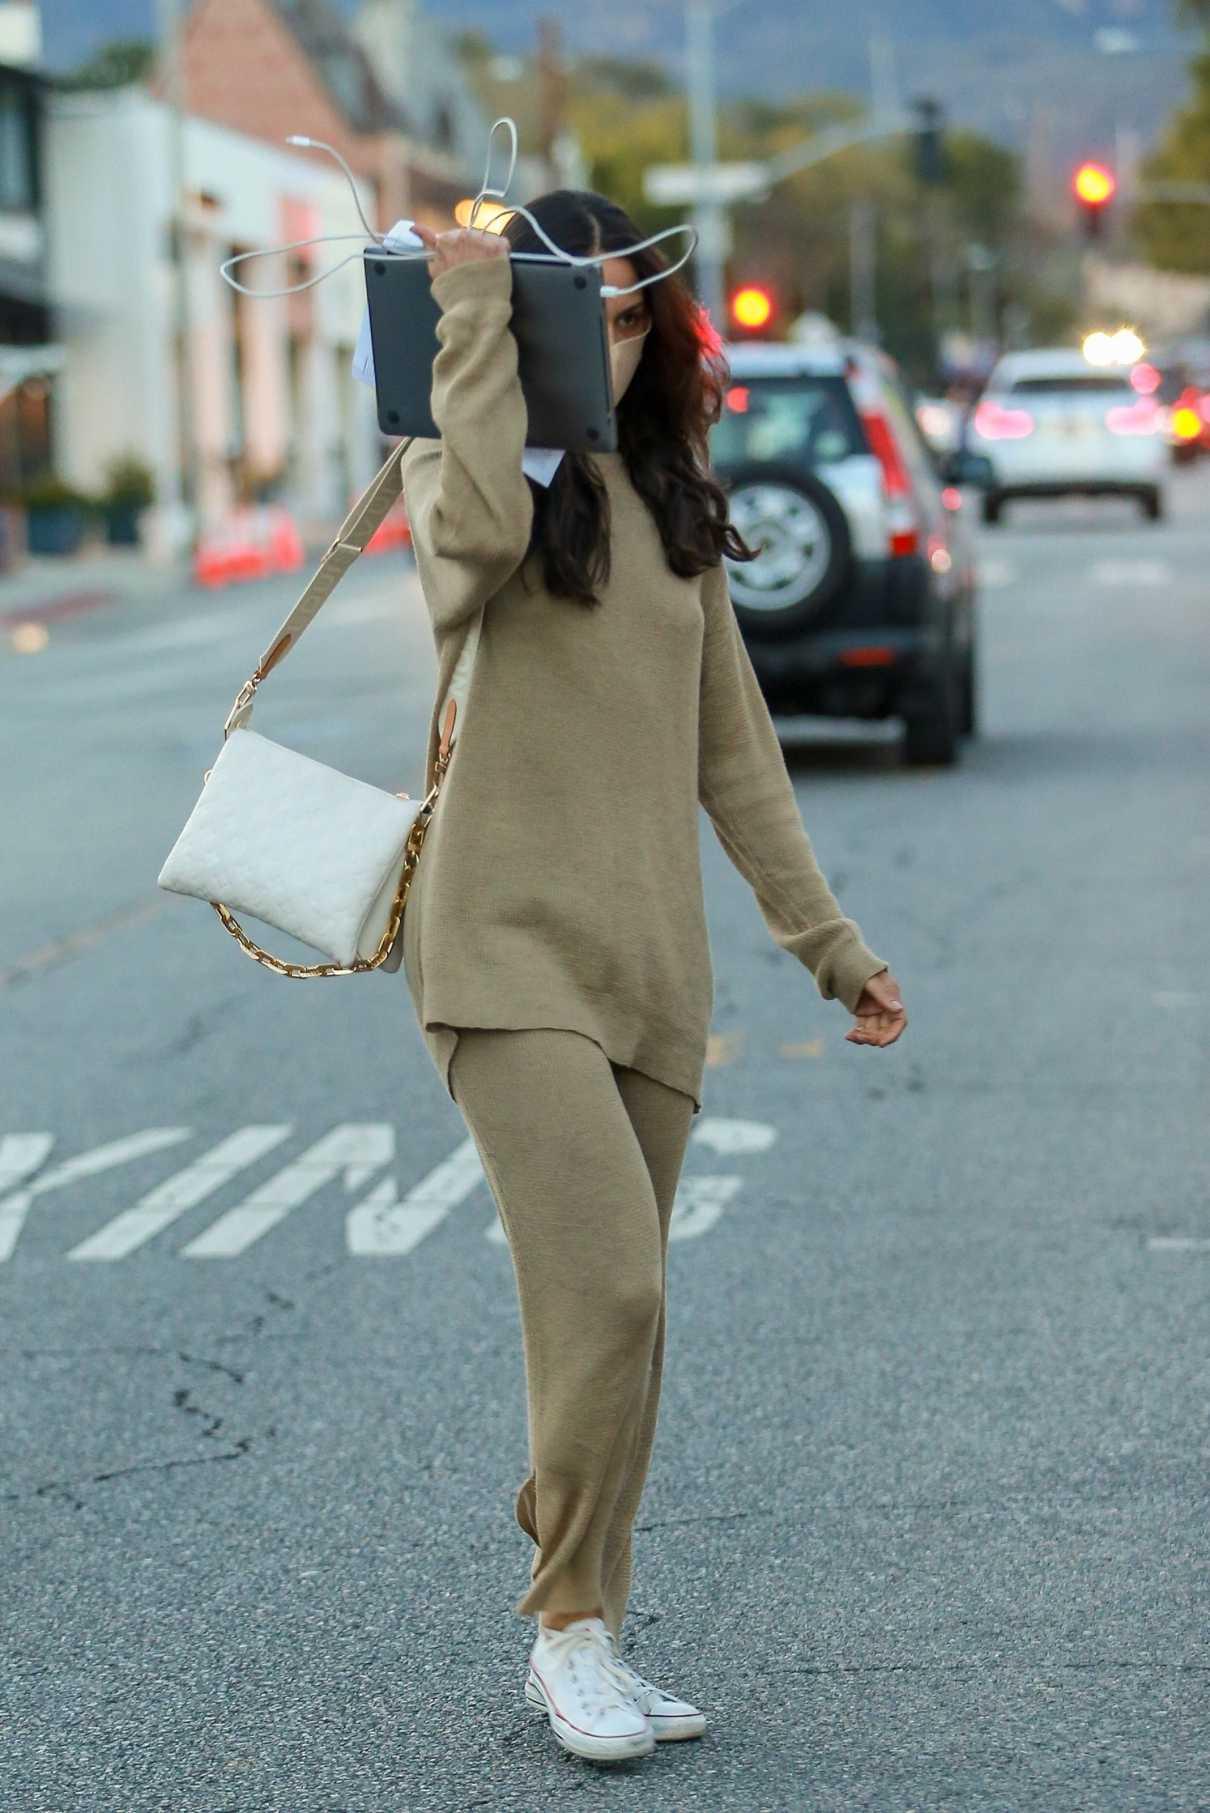 Eiza Gonzalez in a Beige Sweatsuit